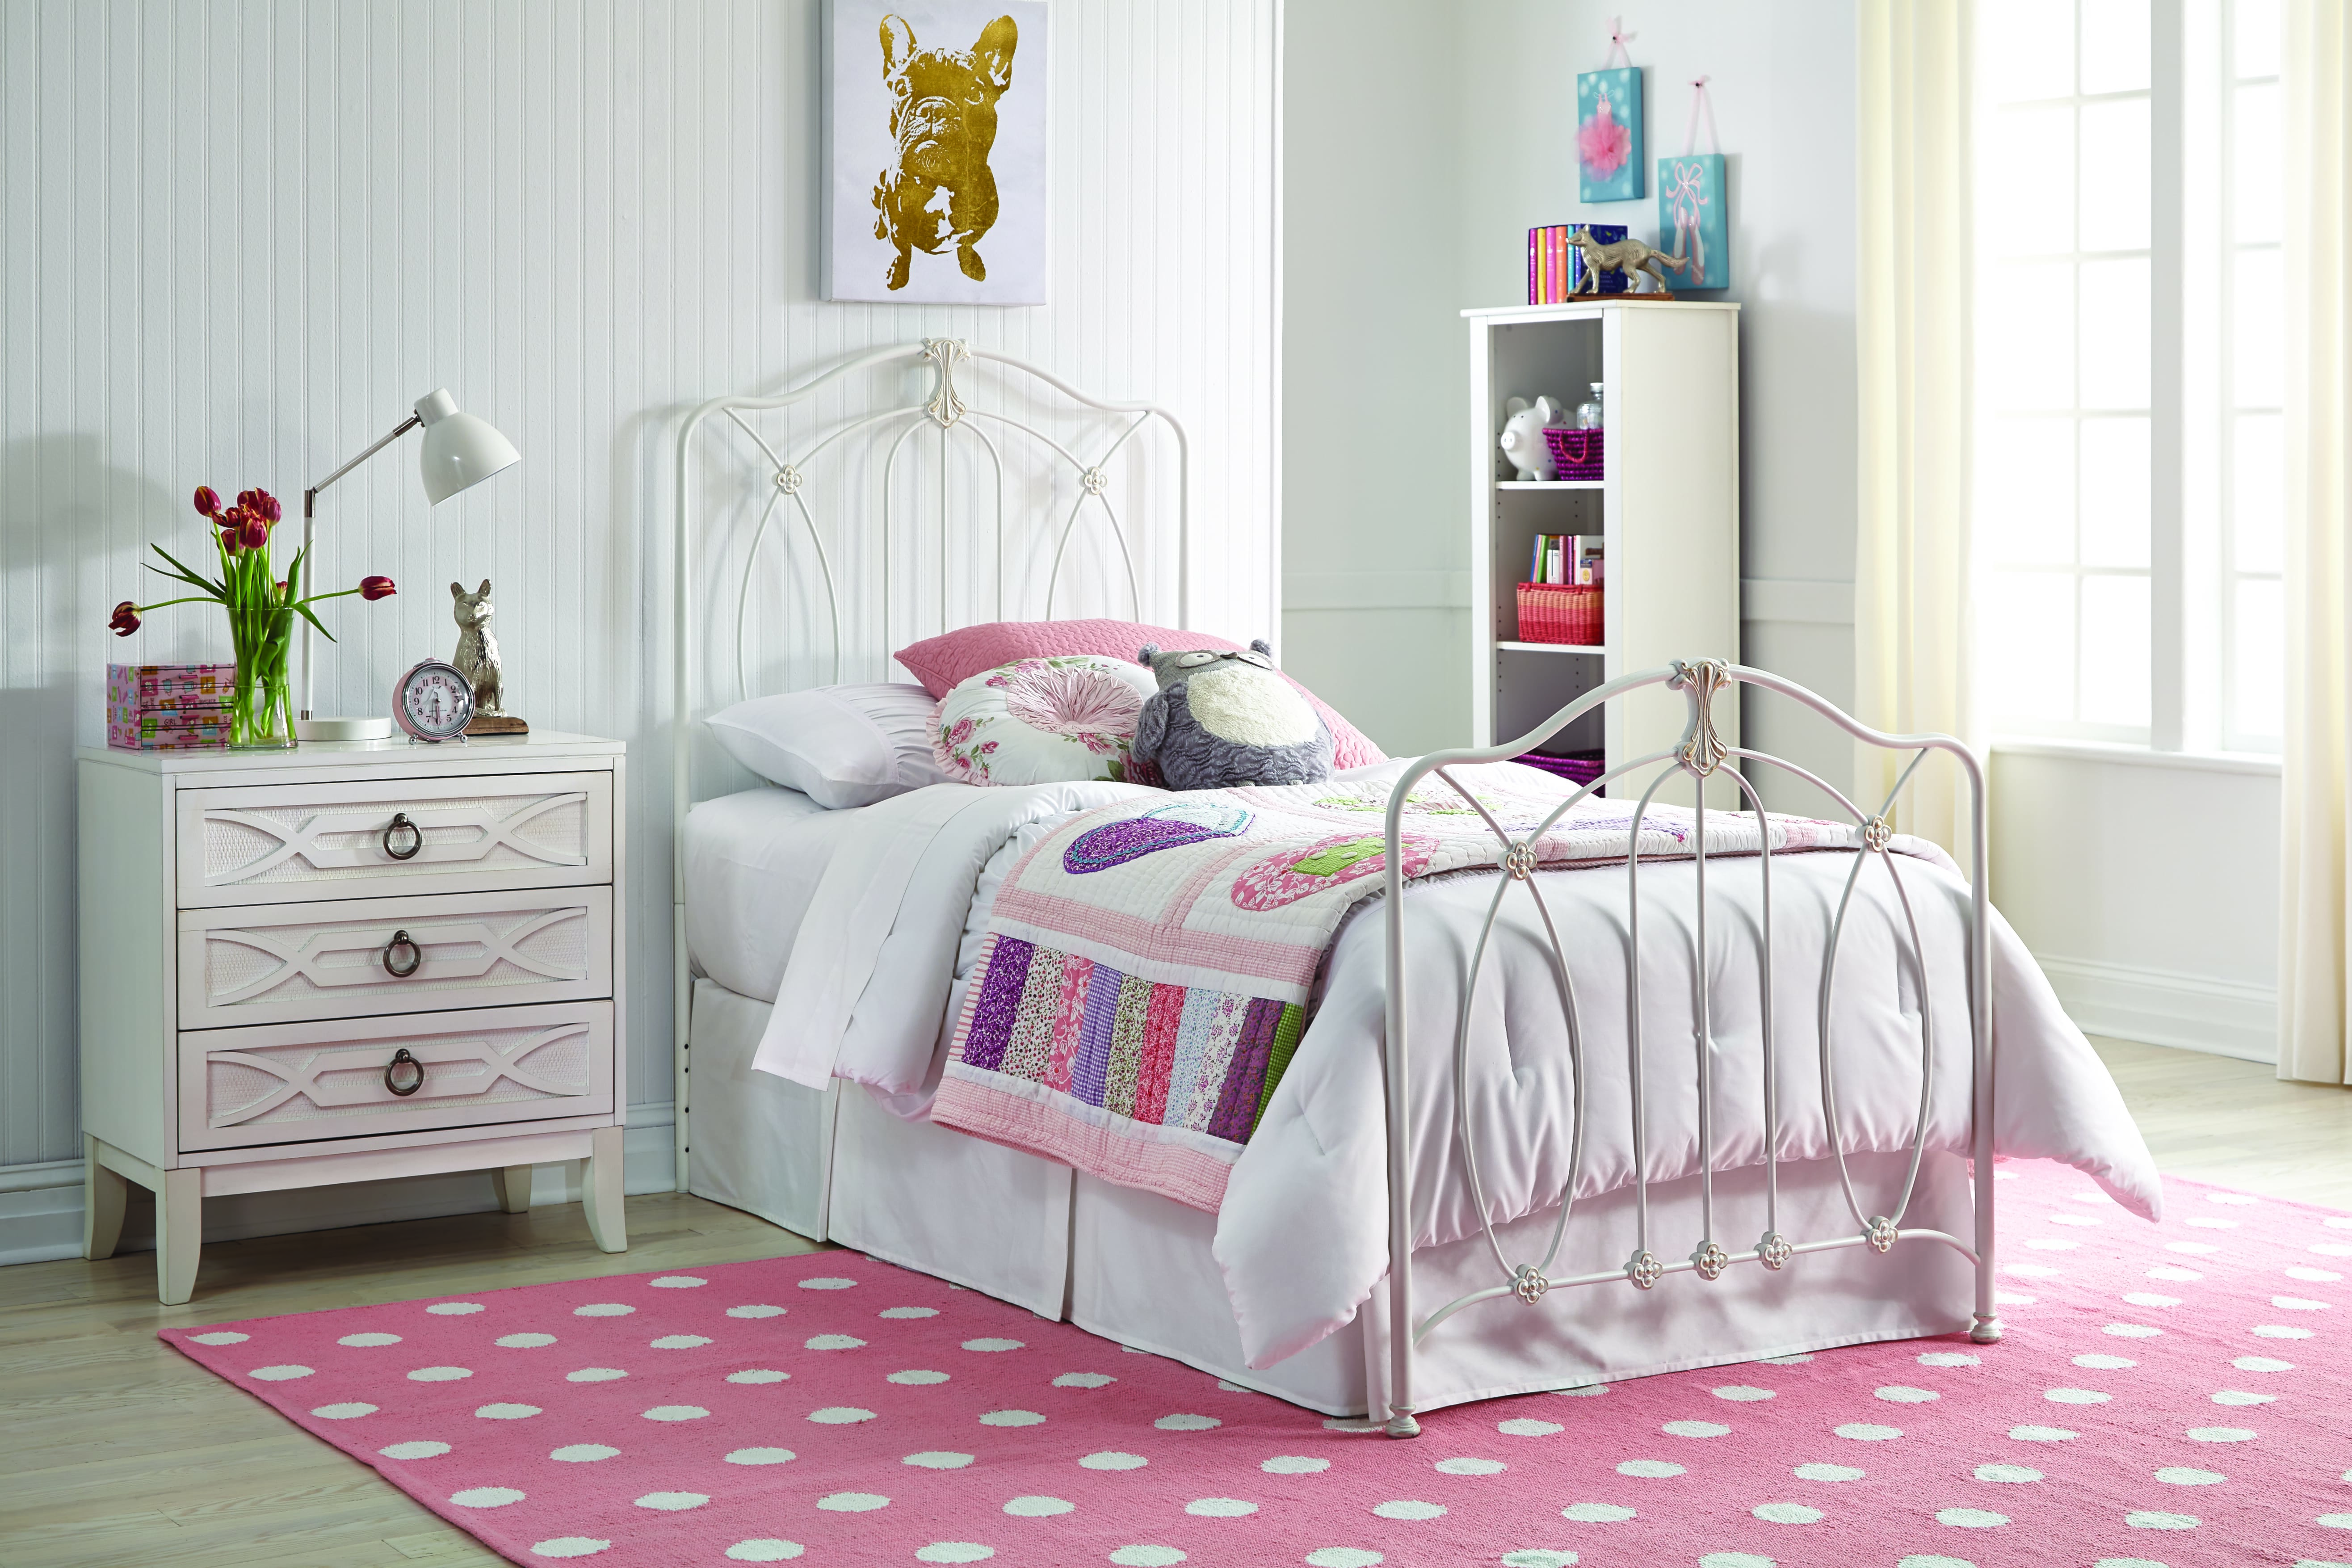 Fashion Bed Kaylin Fashion Kids™ Bed